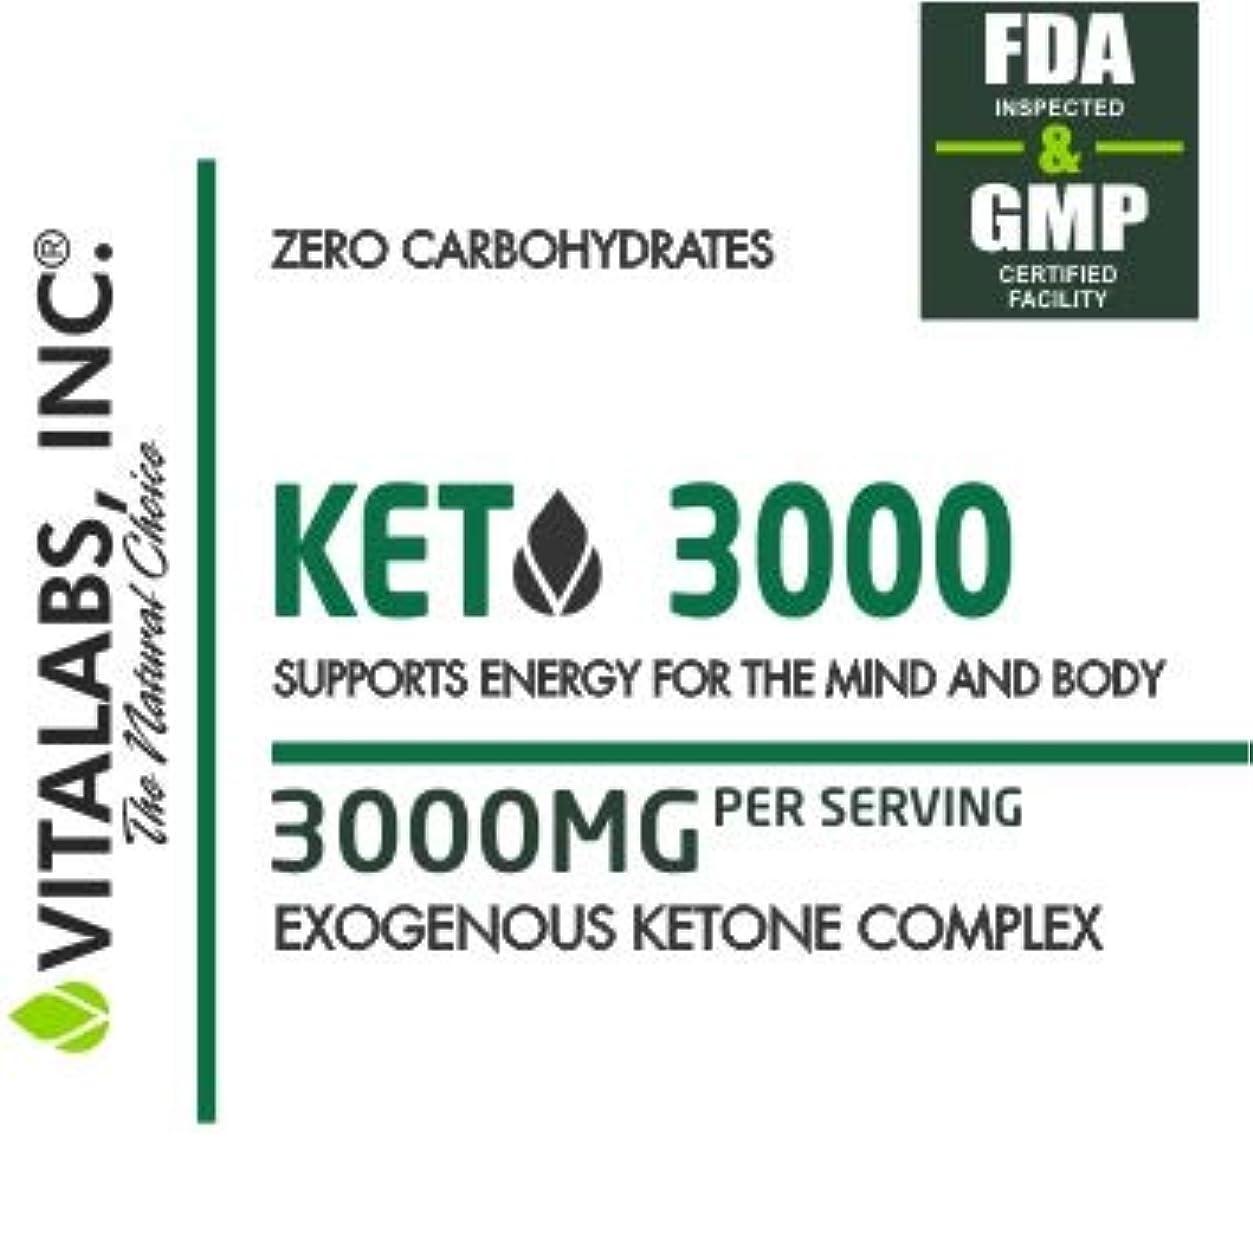 朝ヒープ私たちのケトジェニックダイエットサポートサプリメント KETO 3000/ Vitalabs 【アメリカより直送】 (120カプセル)